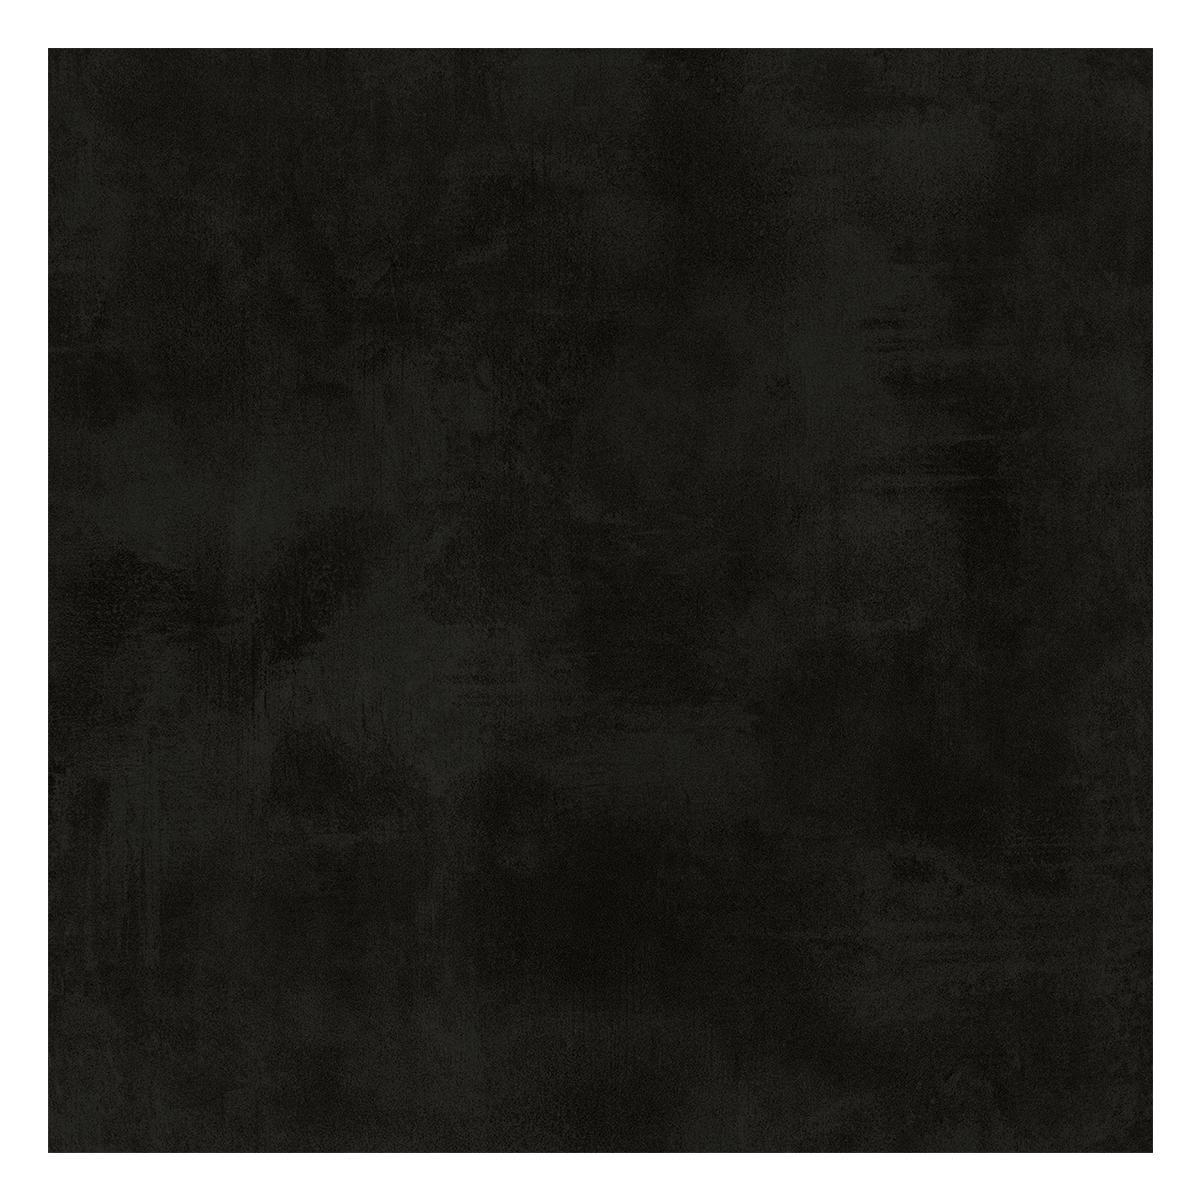 Porcelanato Cement Negro Semi Brillante - 60X60 cm - 1.44 m2